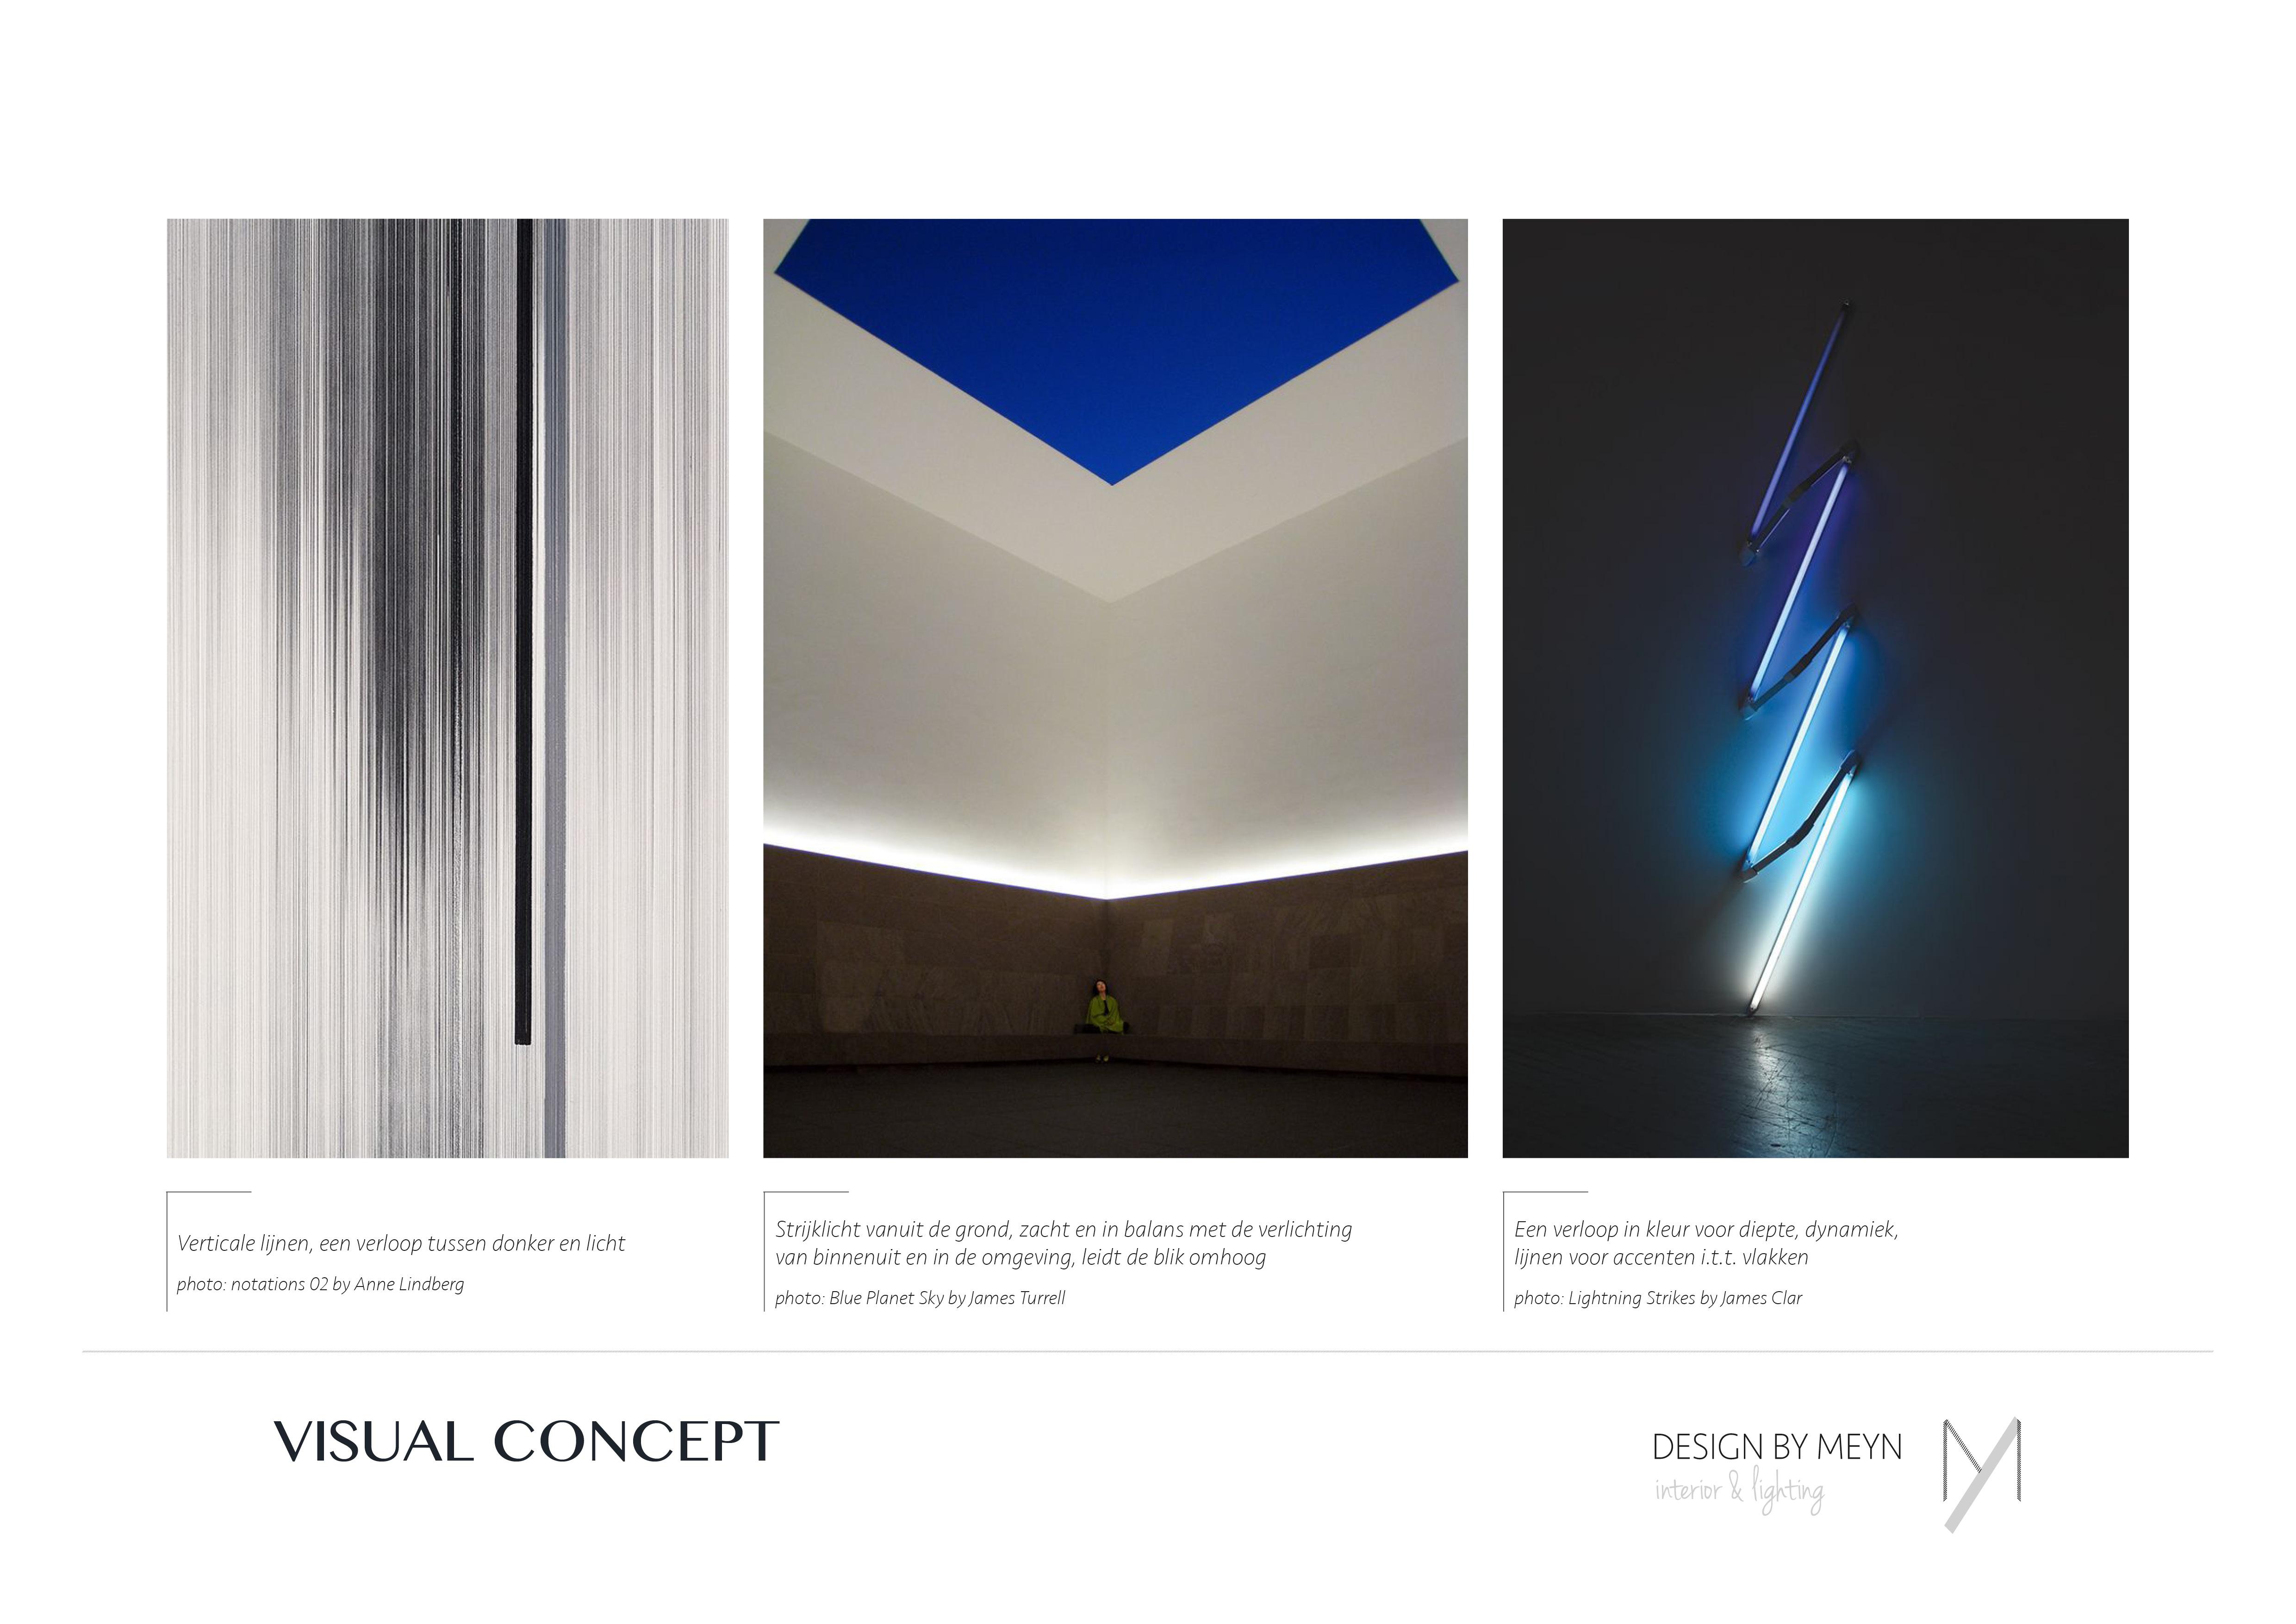 Exterior lighting design by meyn for Exterior lighting design